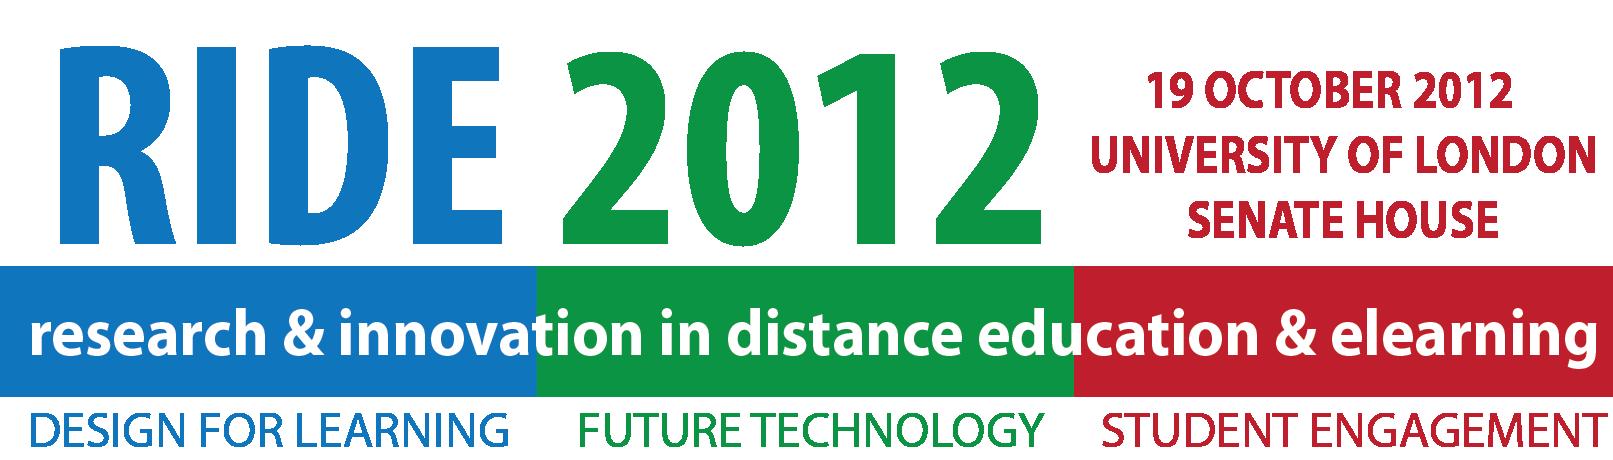 RIDE2012 logo